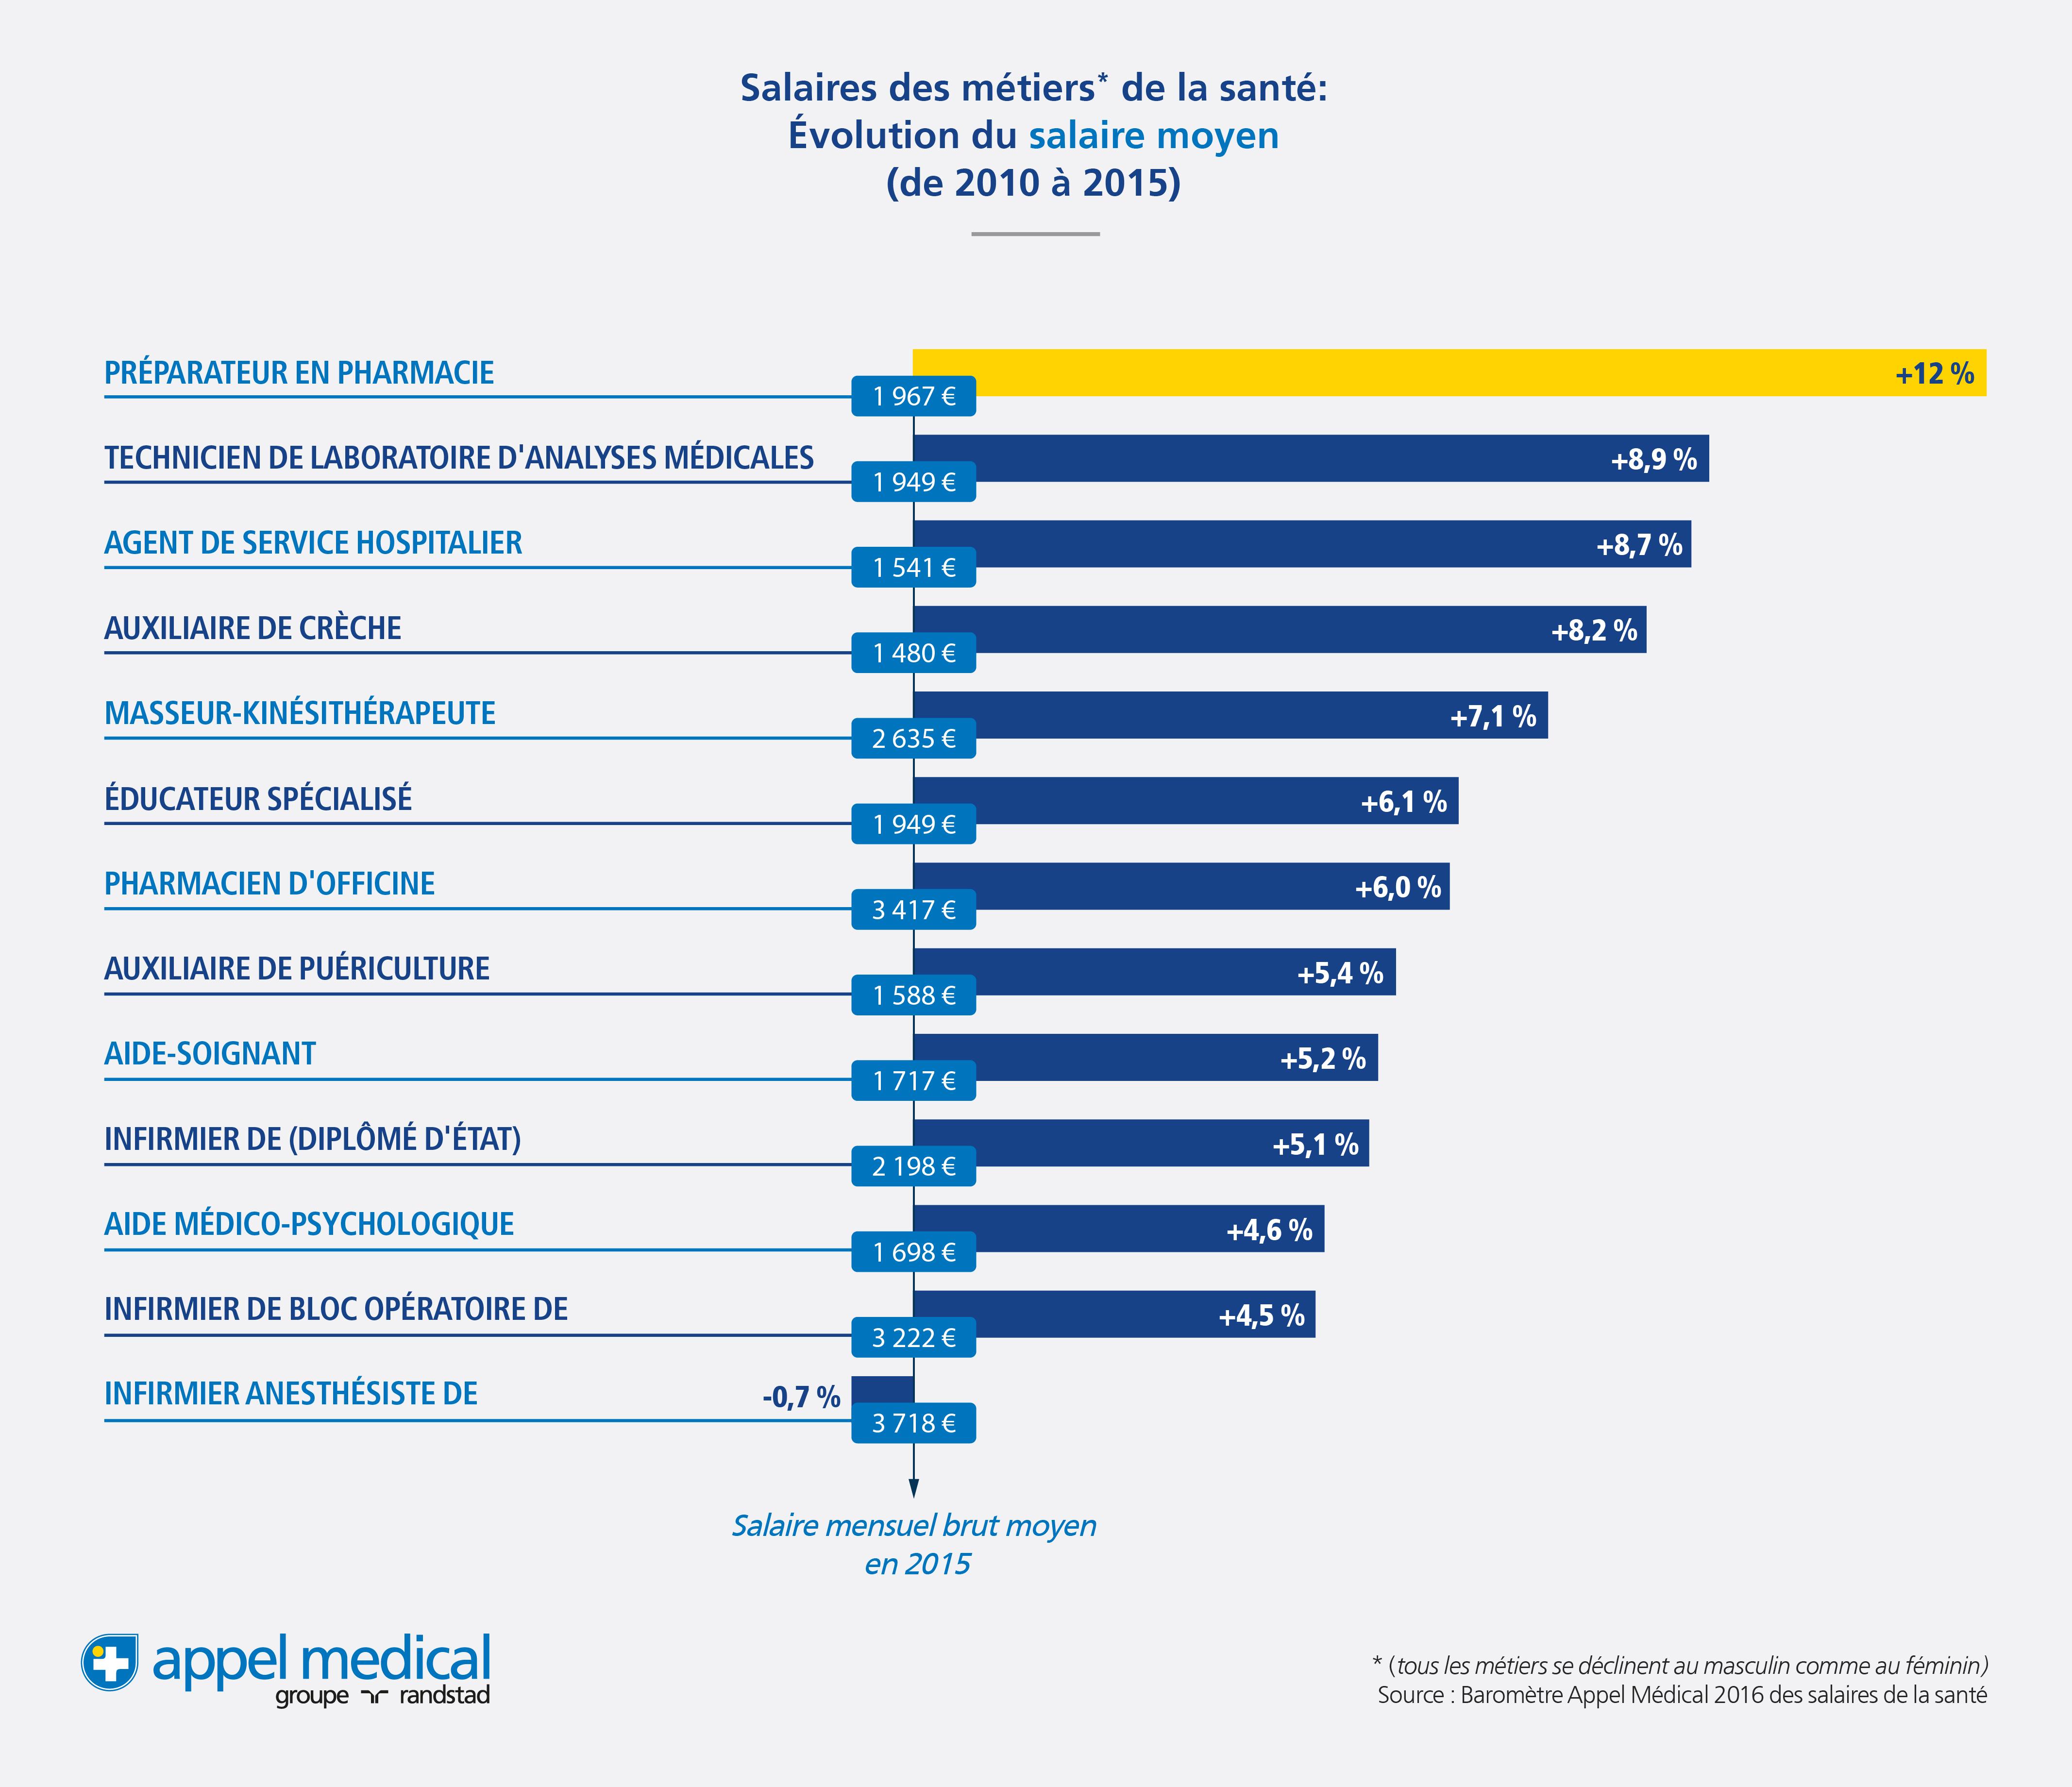 AppelMedical_Dataviz_EvolutionSalaires2015_v4